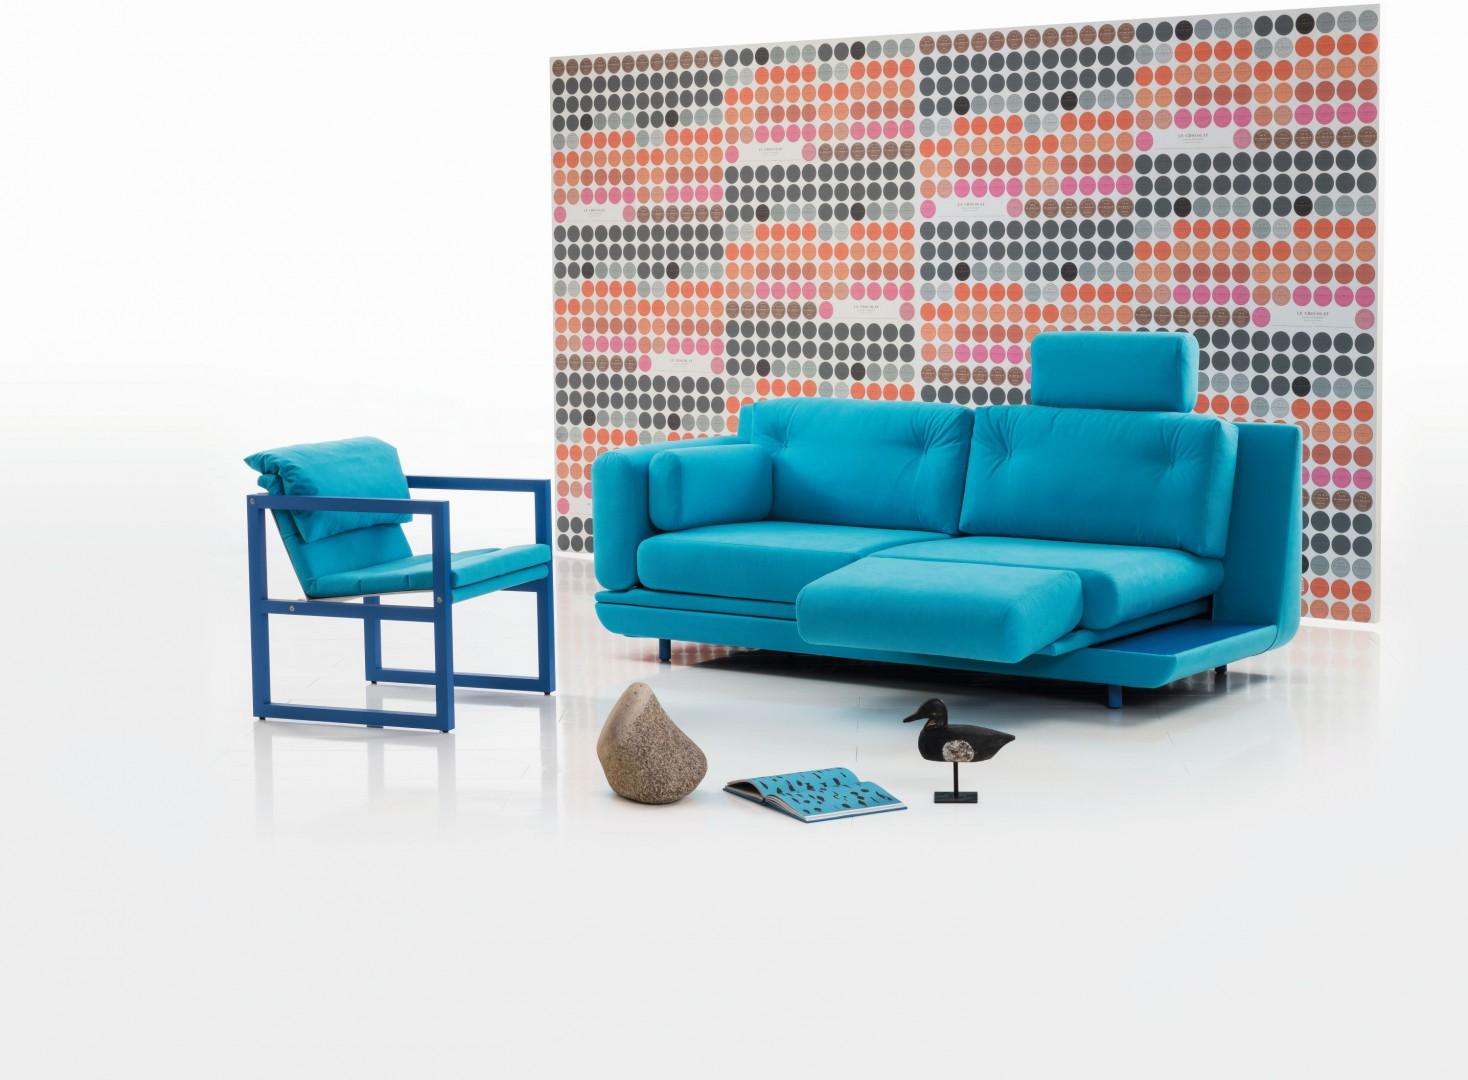 Nawet niewielka sofa może być wyposażona w elementy zwiększające komfort użytkowania. Fot. Brühl